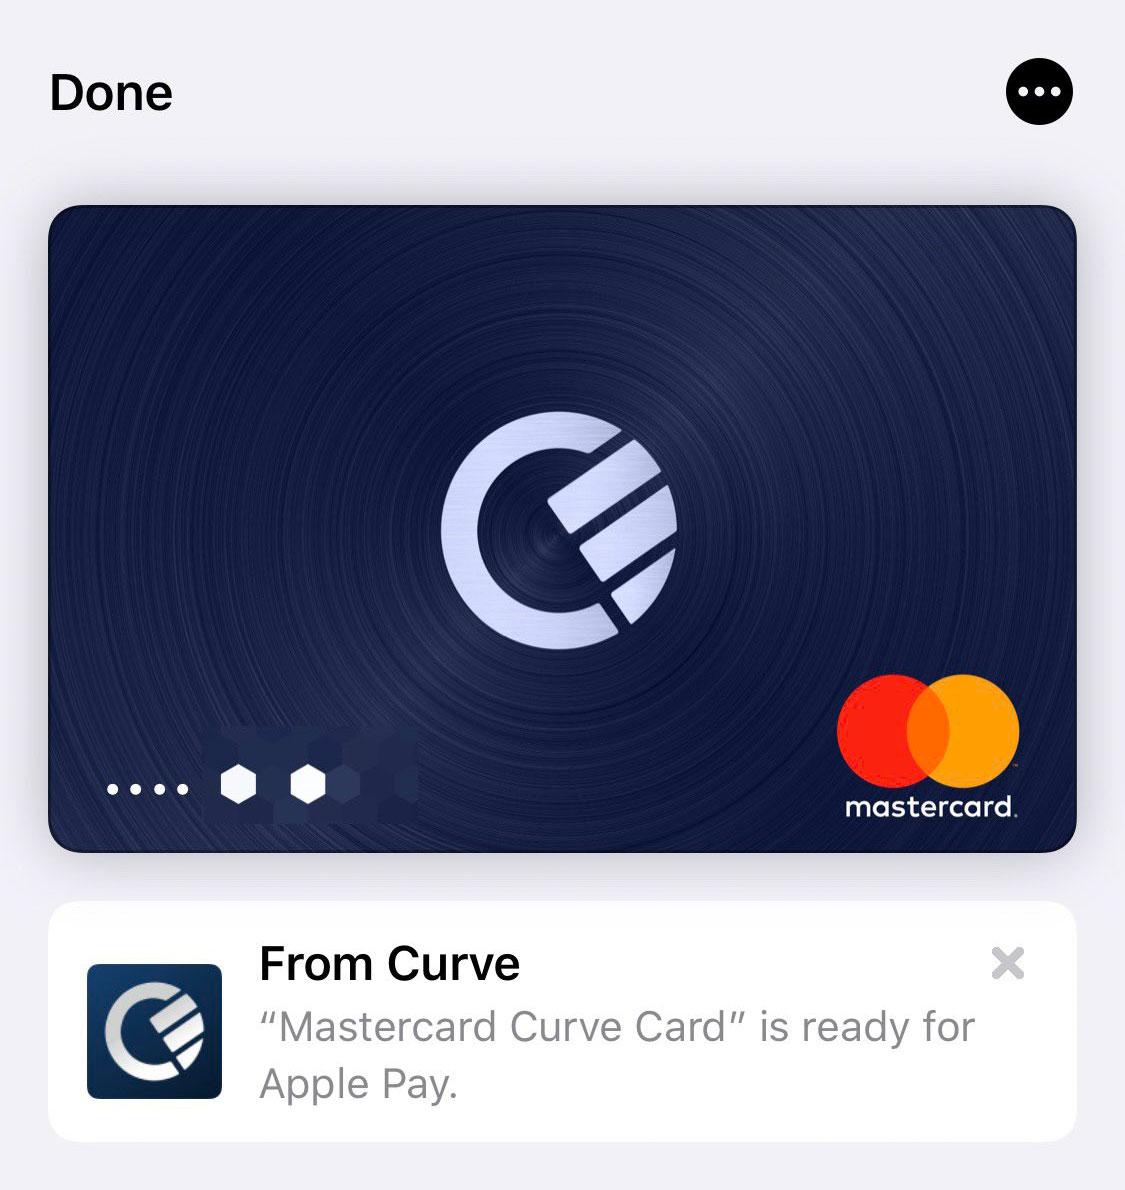 Curve Card